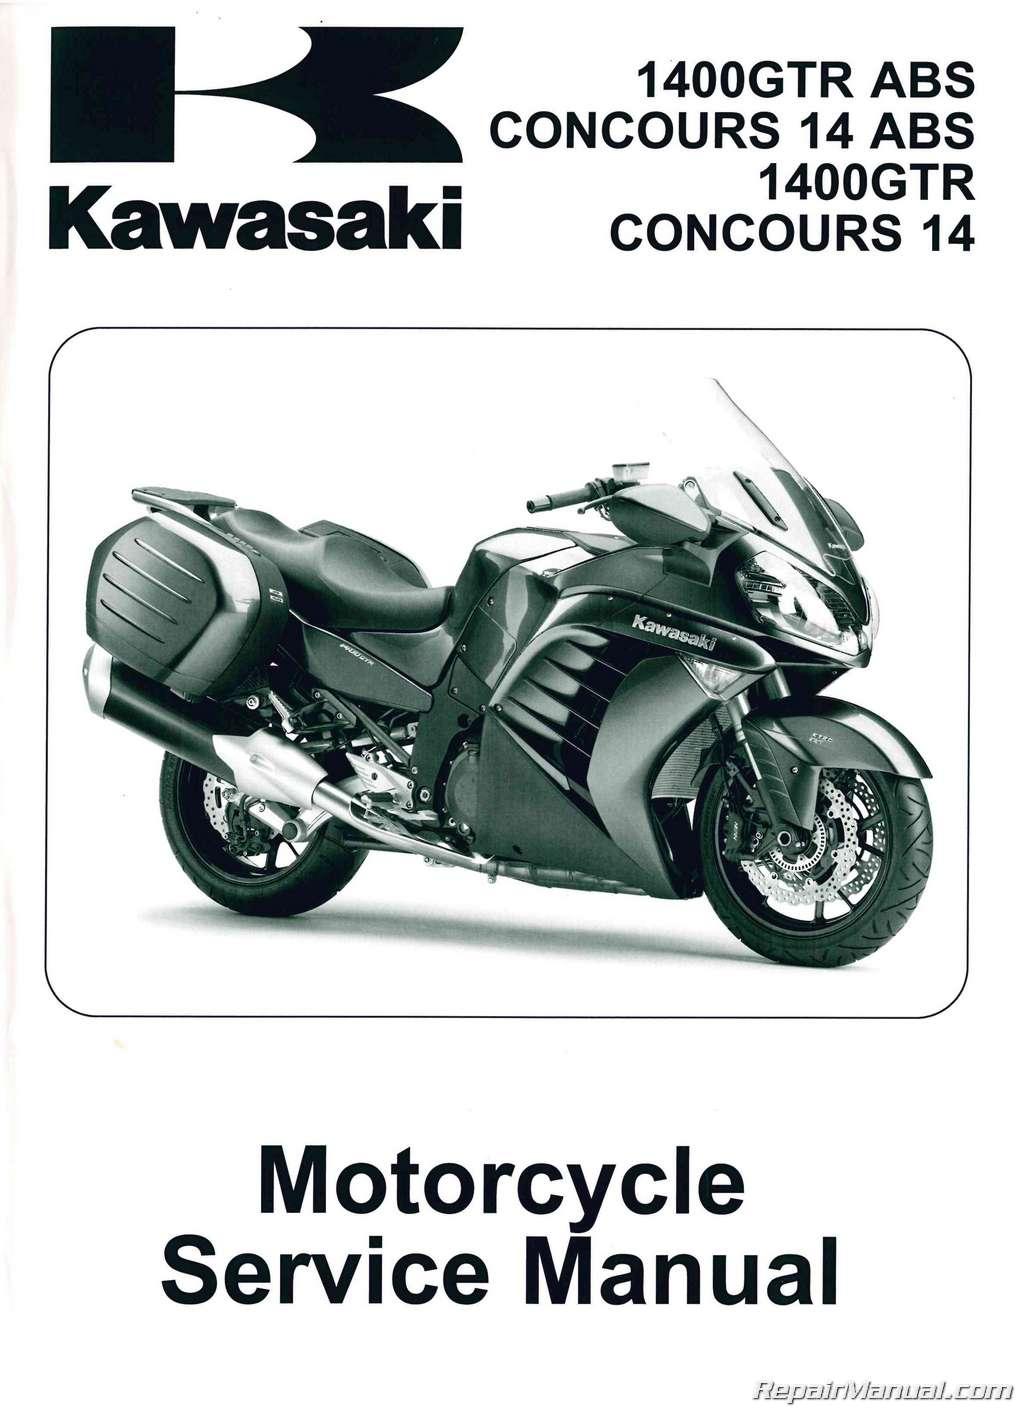 2010 – 2014 Kawasaki ZG1400C D Concours ABS Non-ABS Motorcycle Service  Manual